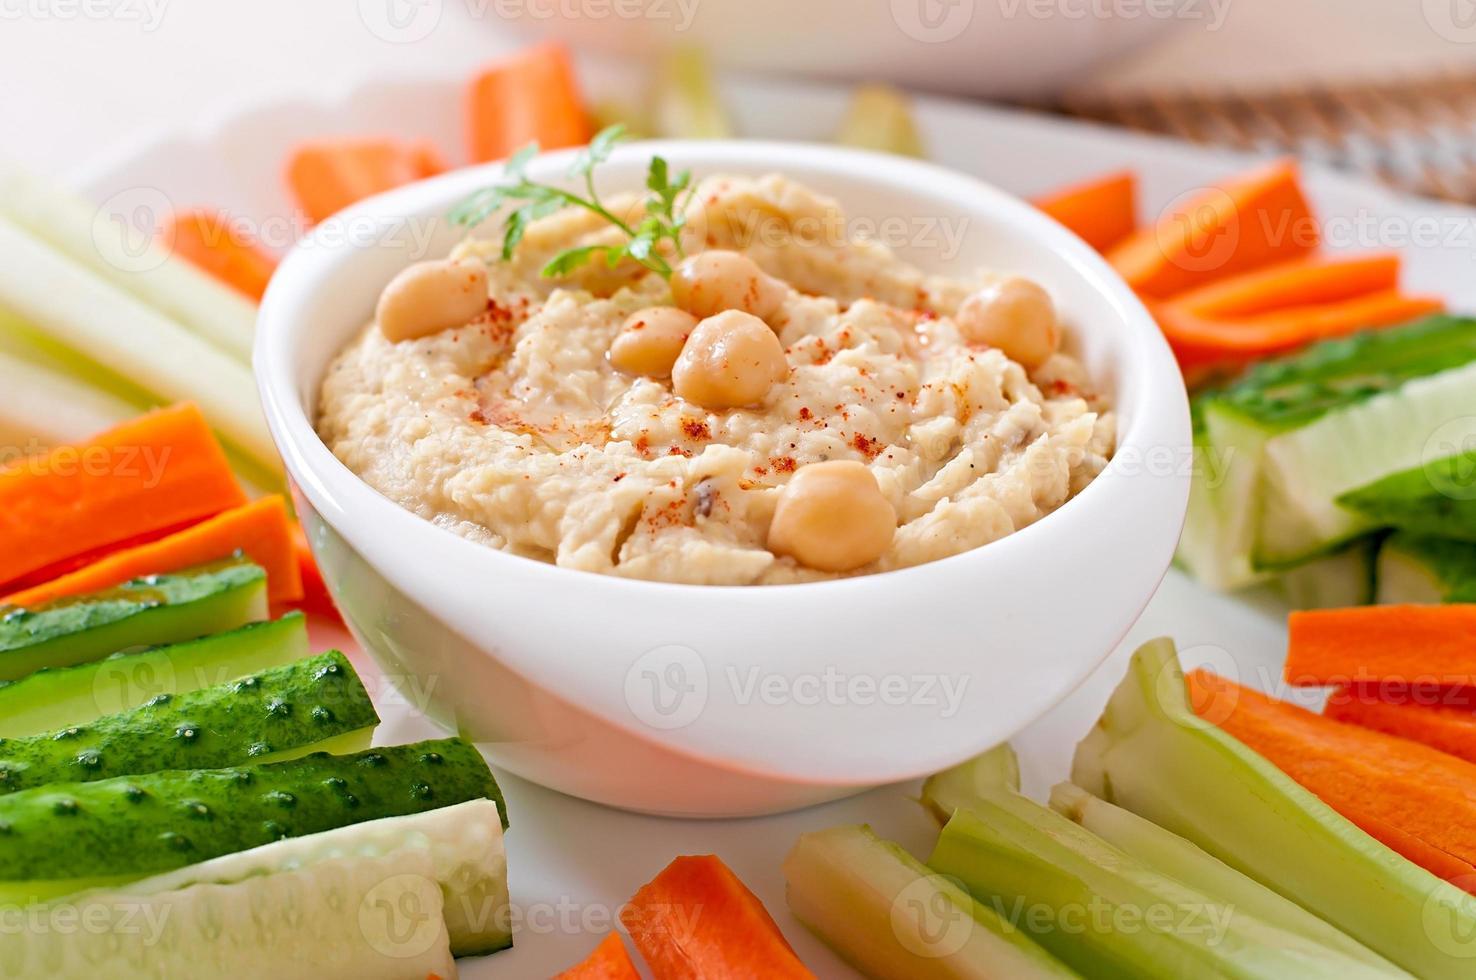 hummus casero saludable con verduras, aceite de oliva y chips de pita foto